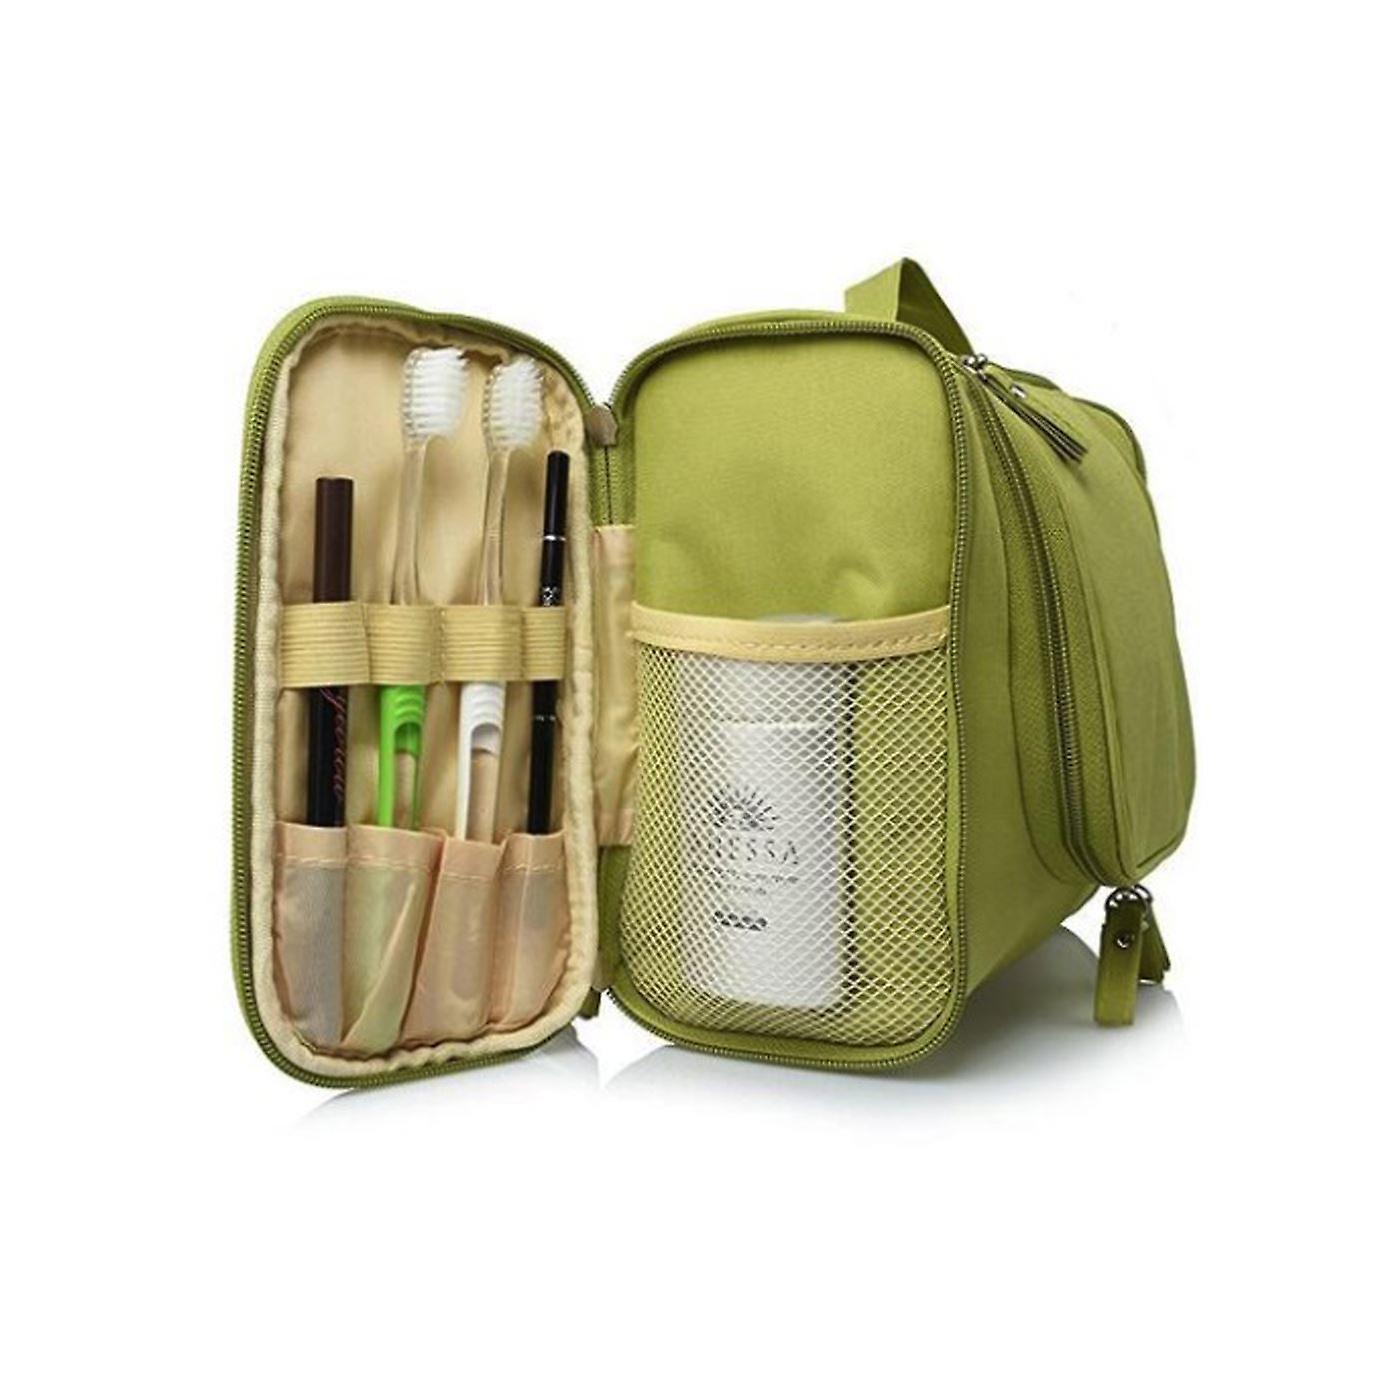 Deluxe Travel Bag kosmetiska göra upp necessär fall svart Wash Bag arrangören påse